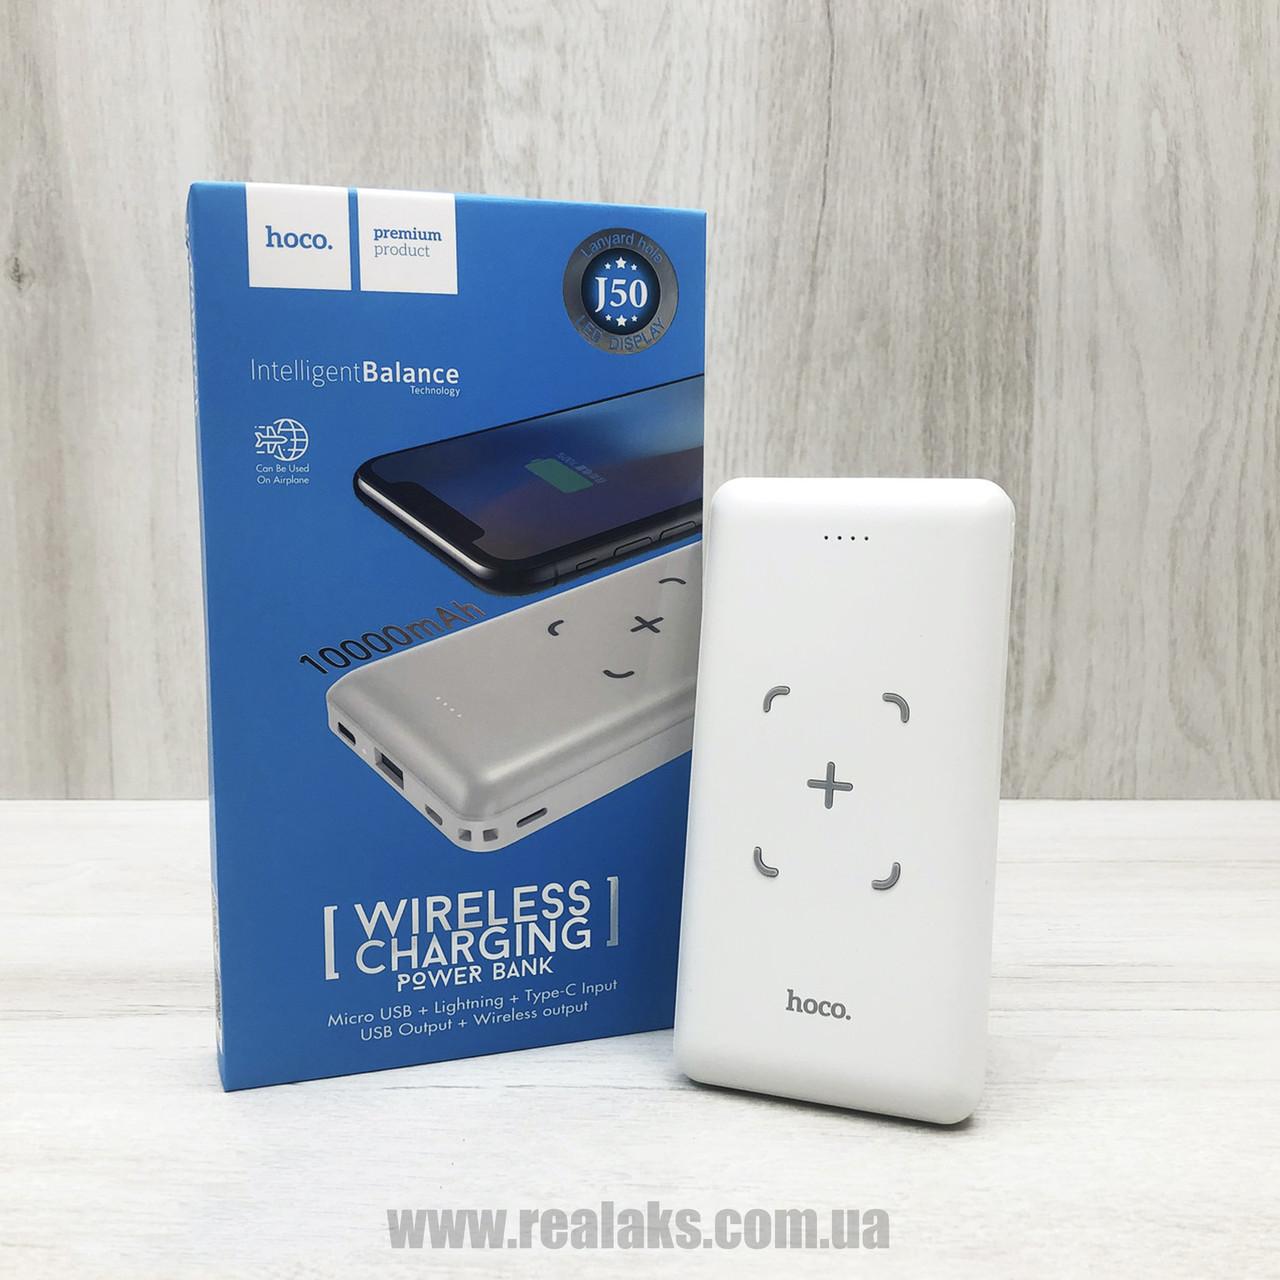 Powerbank HOCO J50 з безпровідною зарядкою (білий)